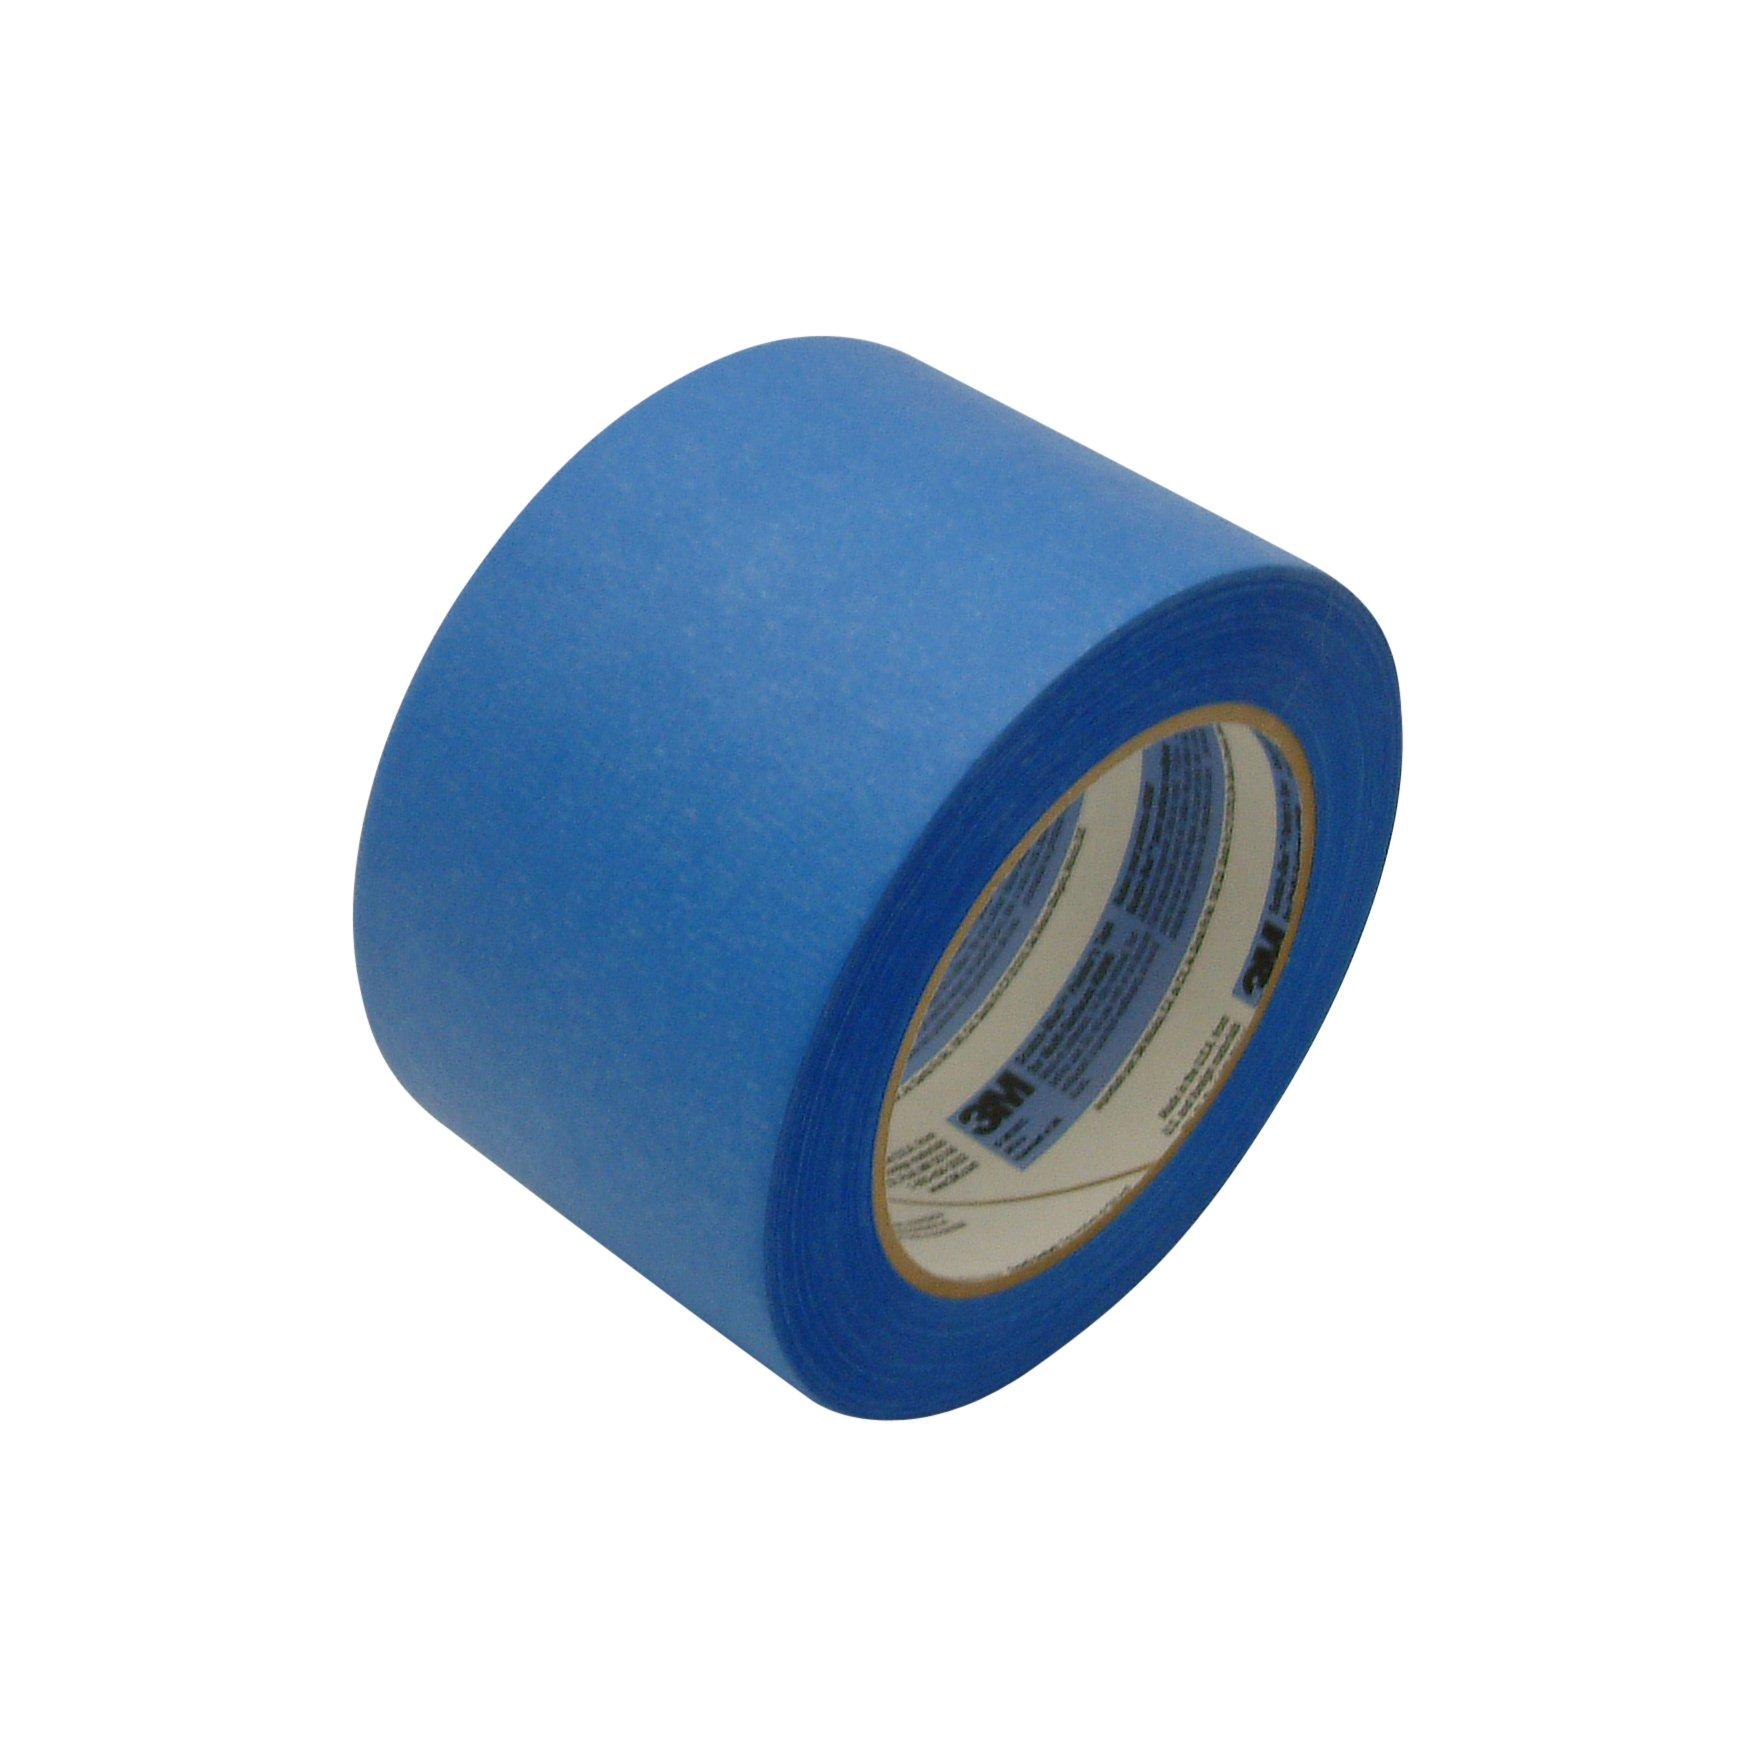 3M 2090-72A Scotch 2090 Painters Tape: 3'' x 60 yd, Blue